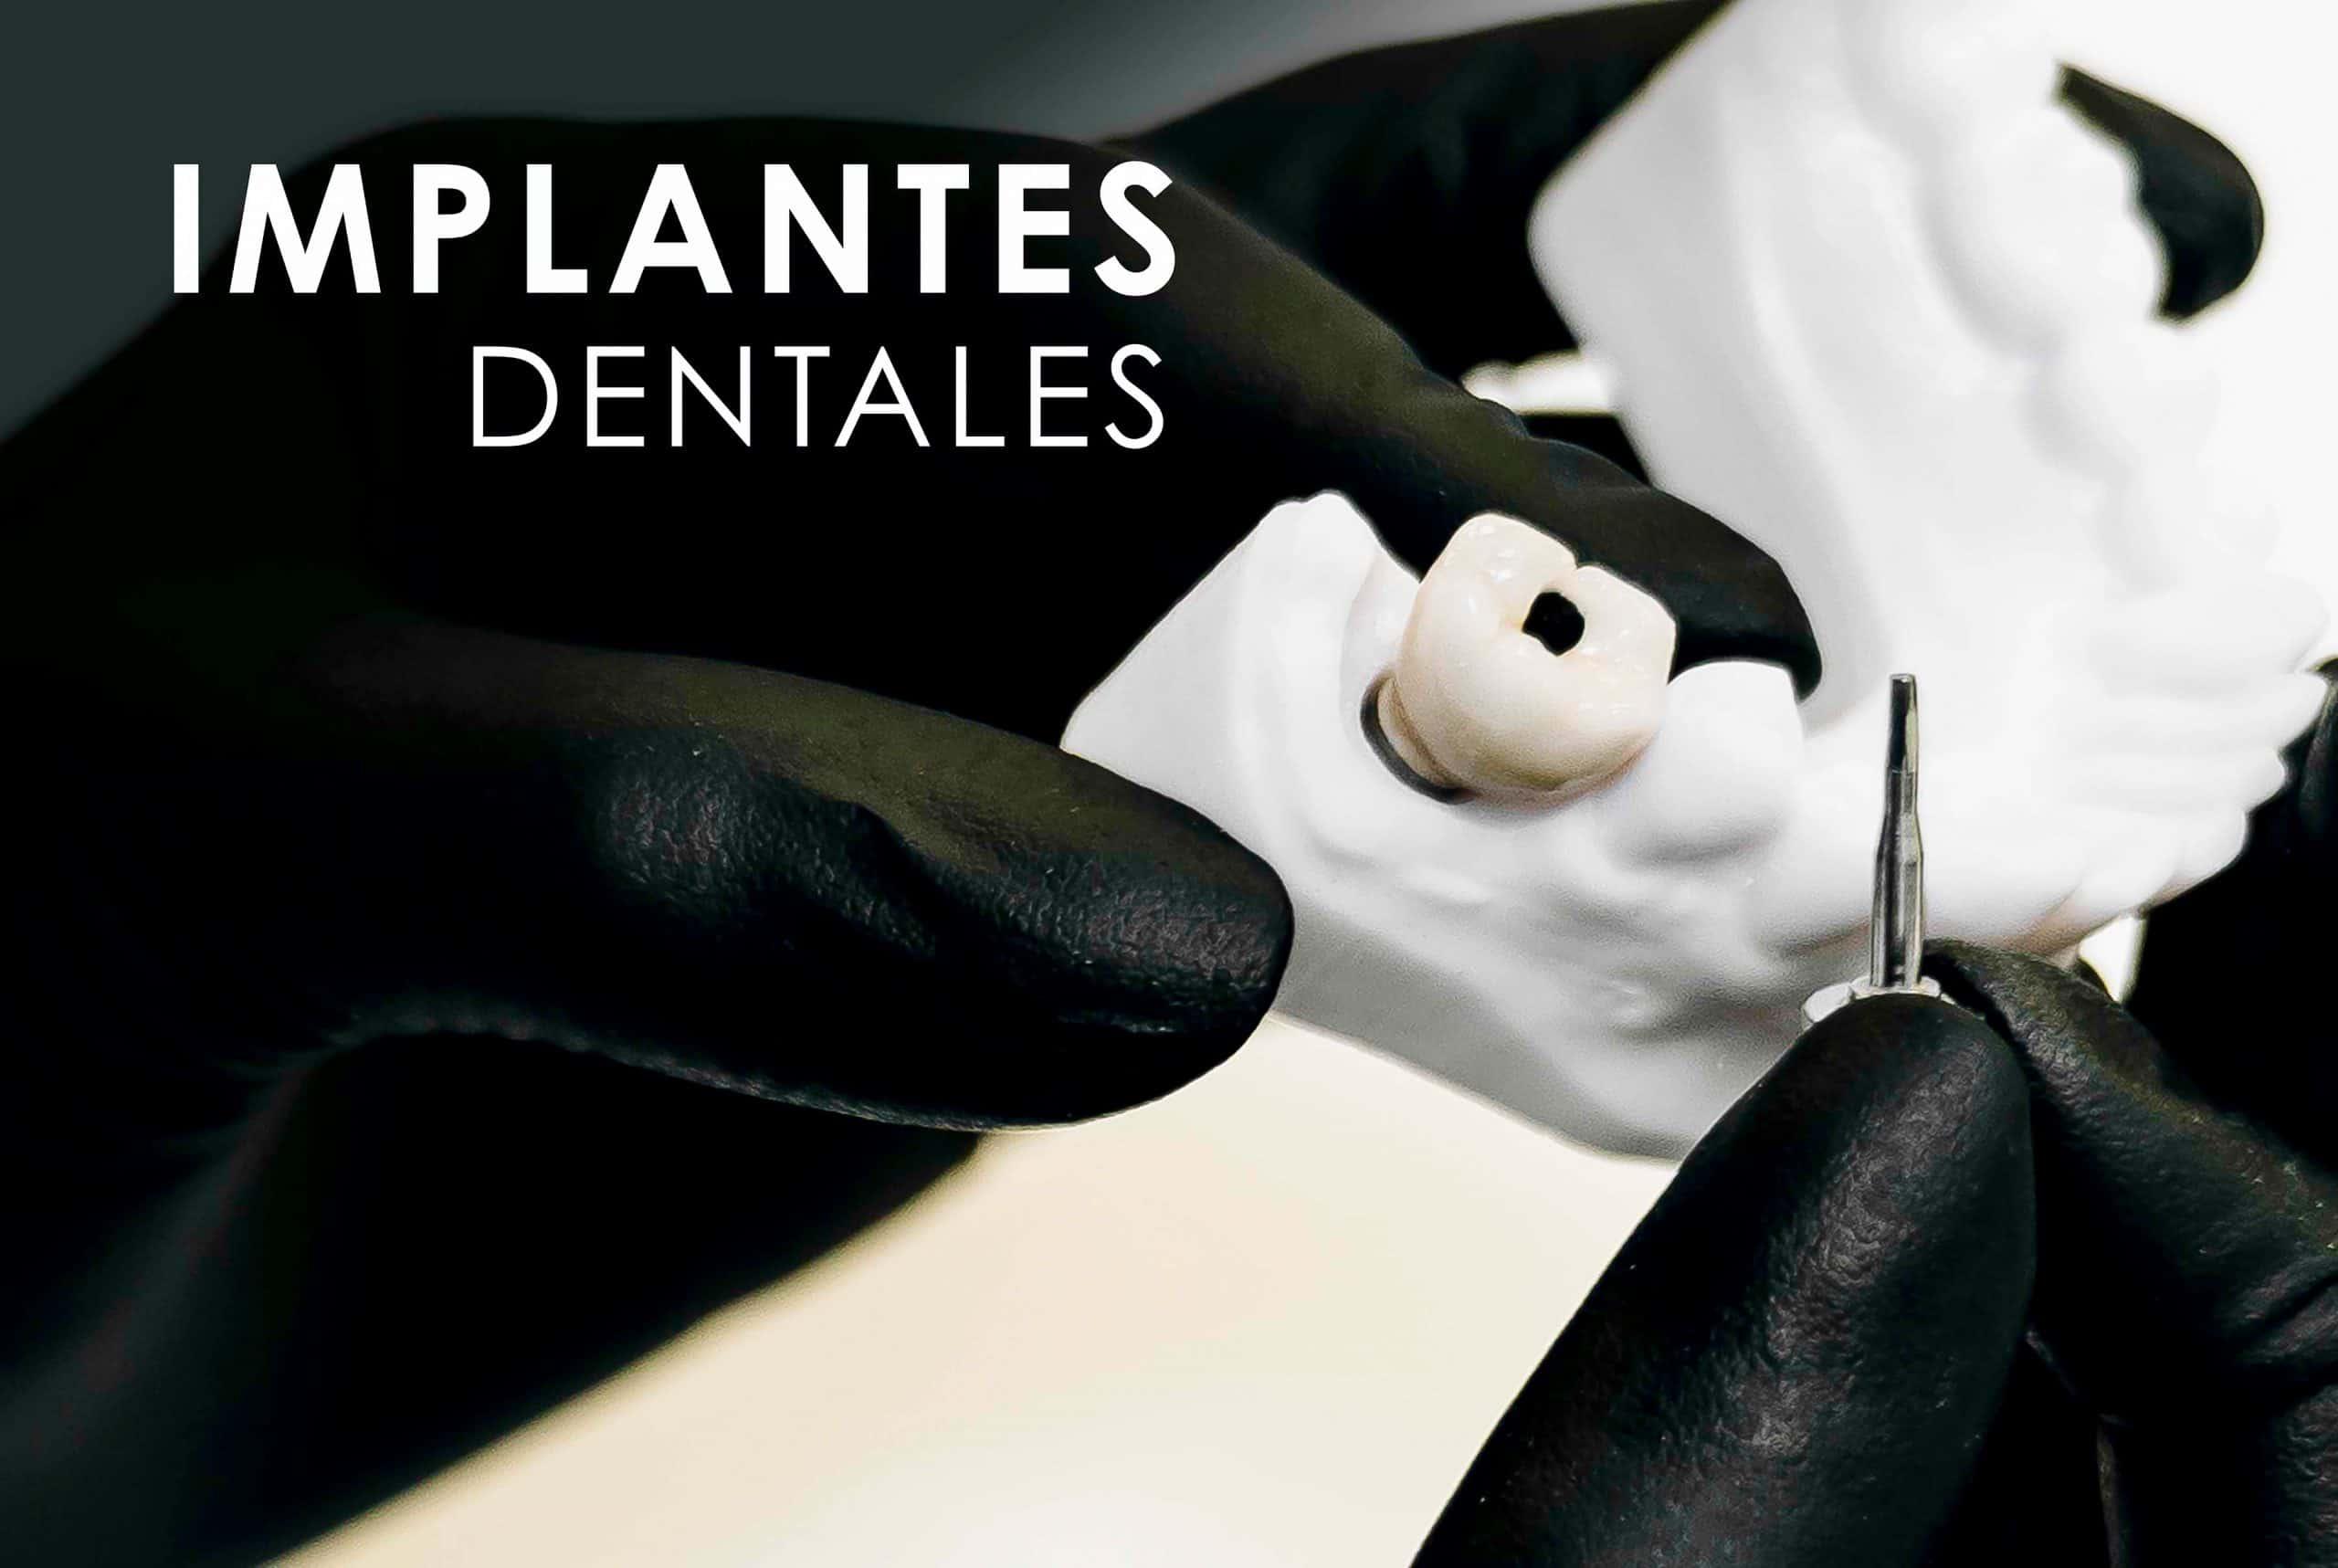 Implantes Dentales Clínica Dental Bernabeu